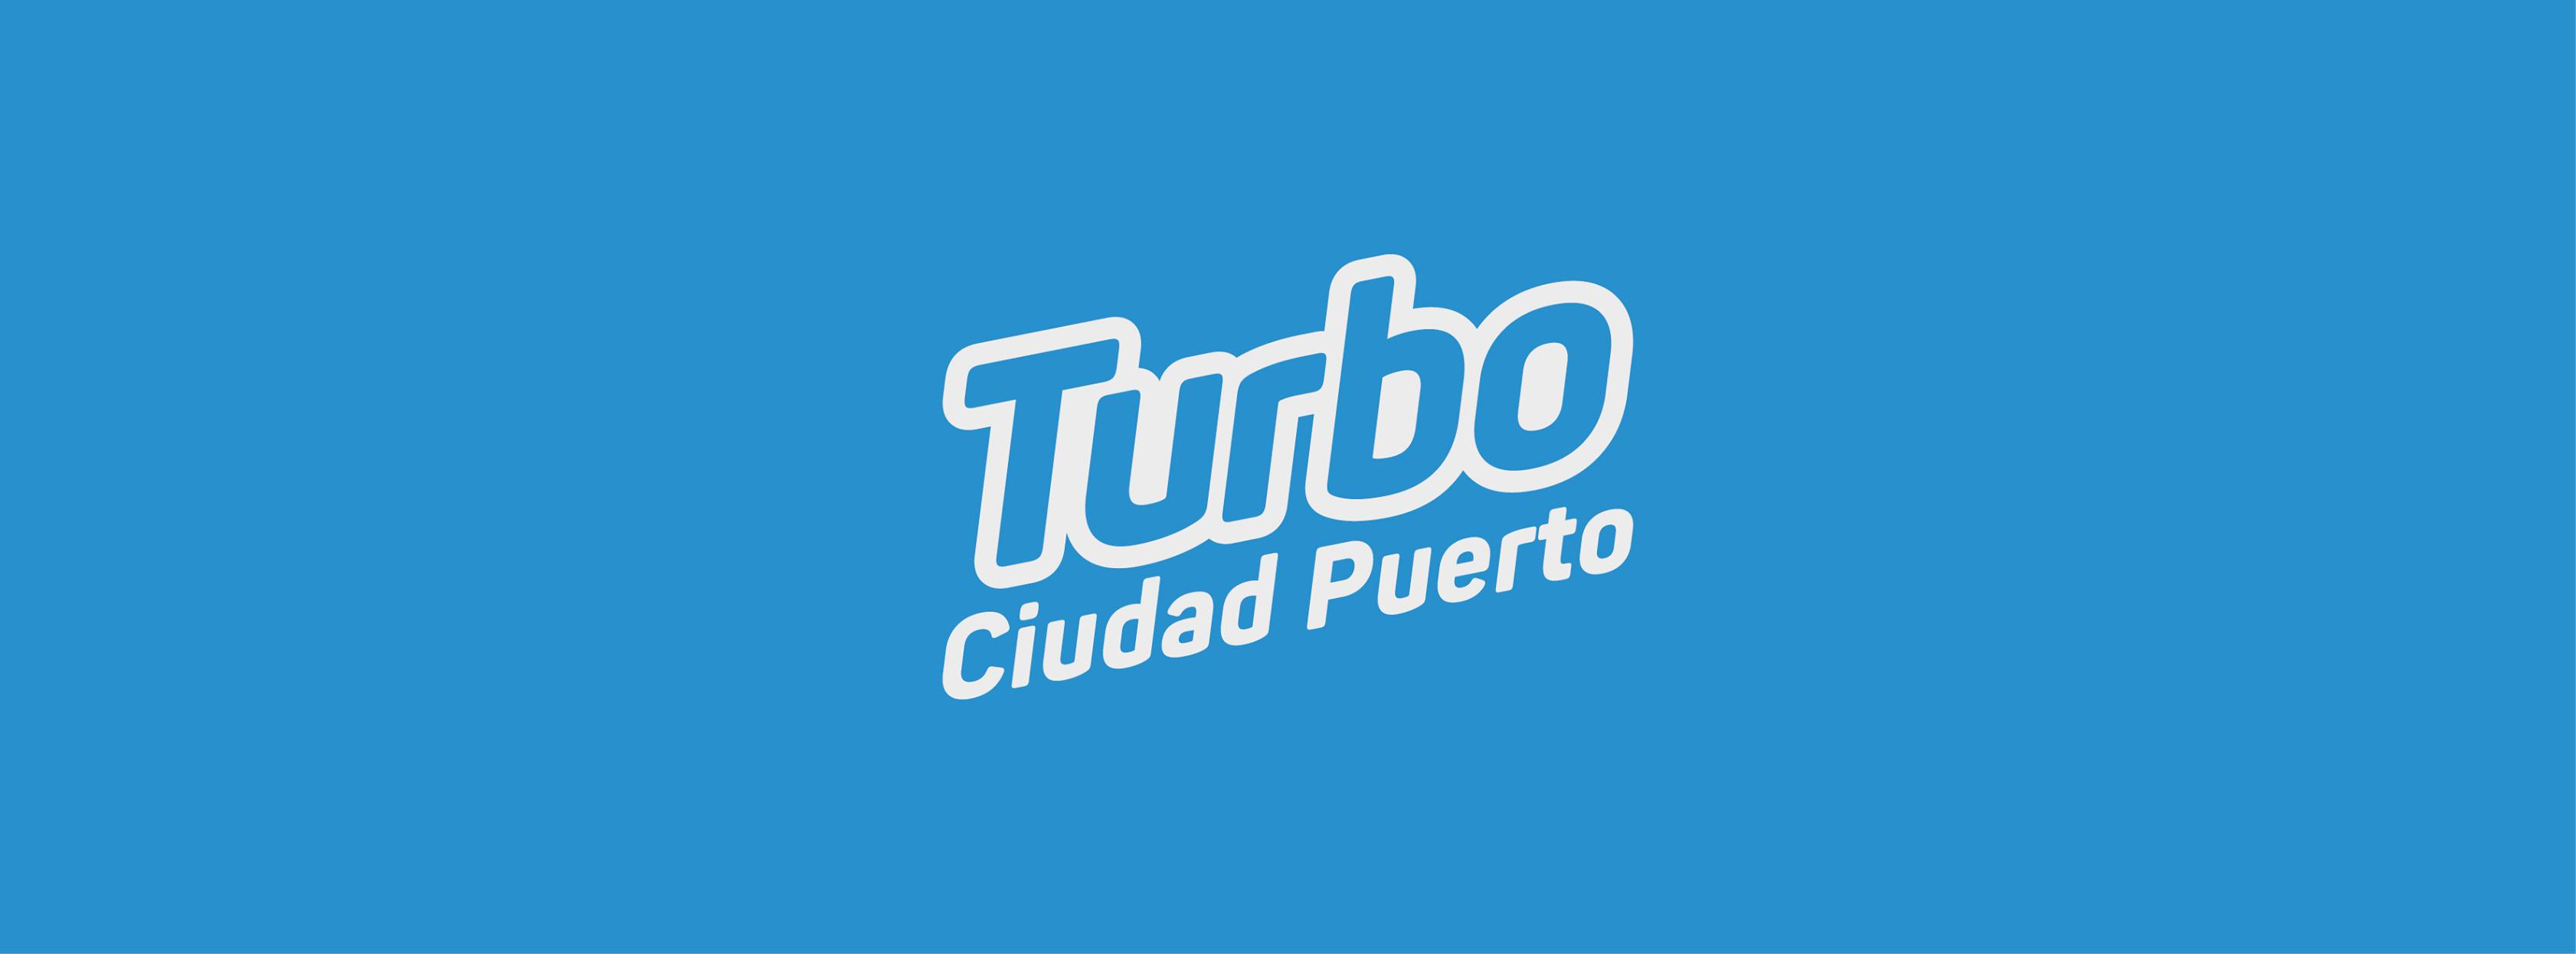 Turbo Ciudad Puerto